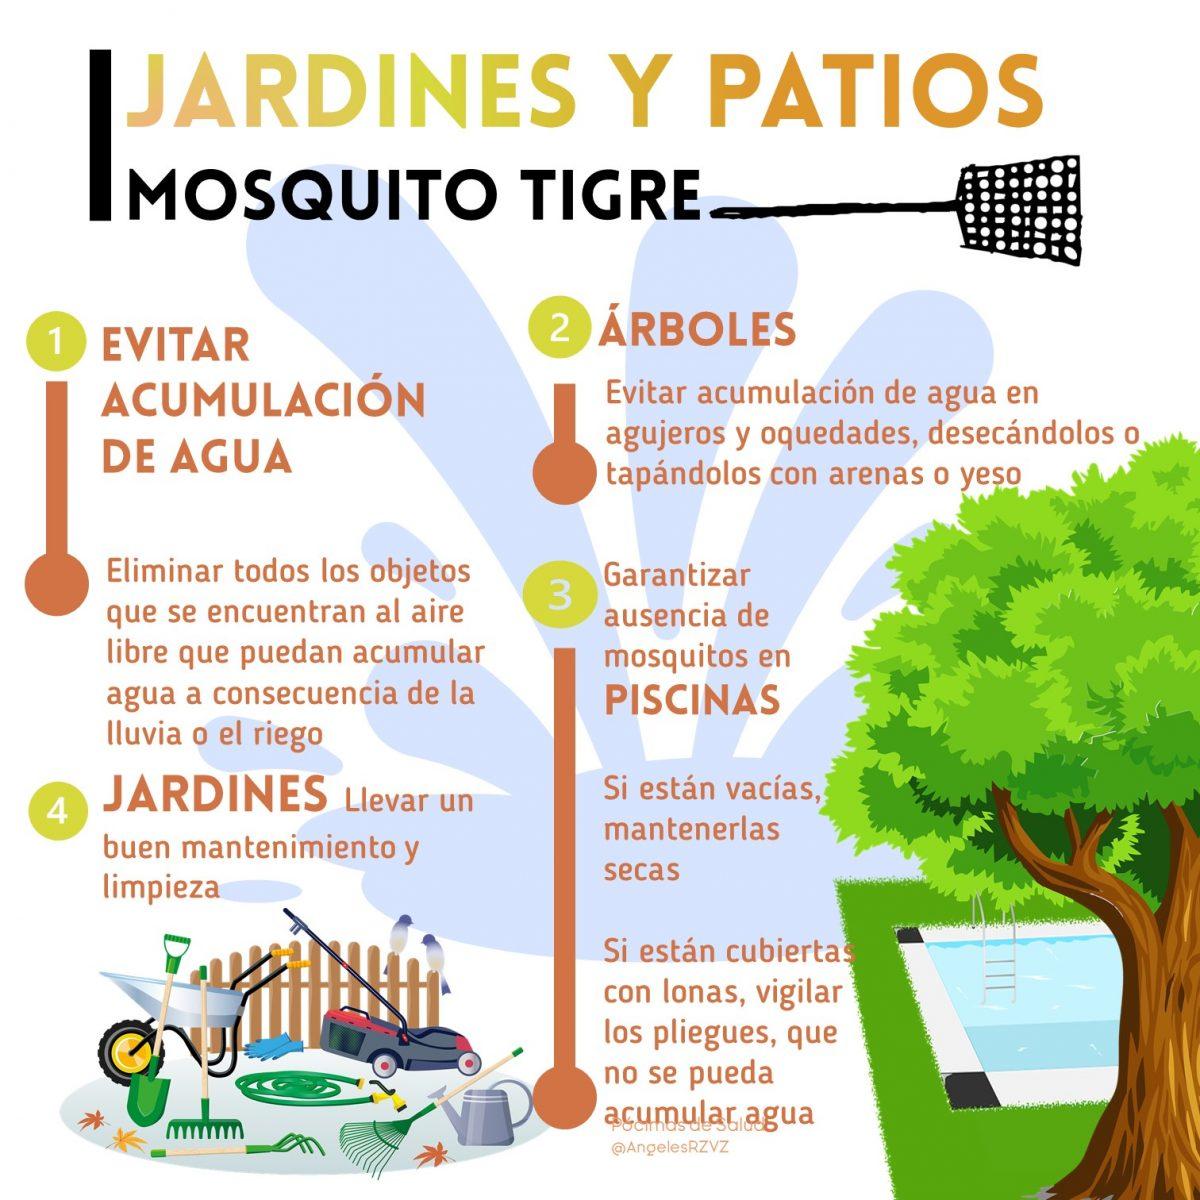 mosquitotigre-consejos-prevención-focos-de-cría-jardines